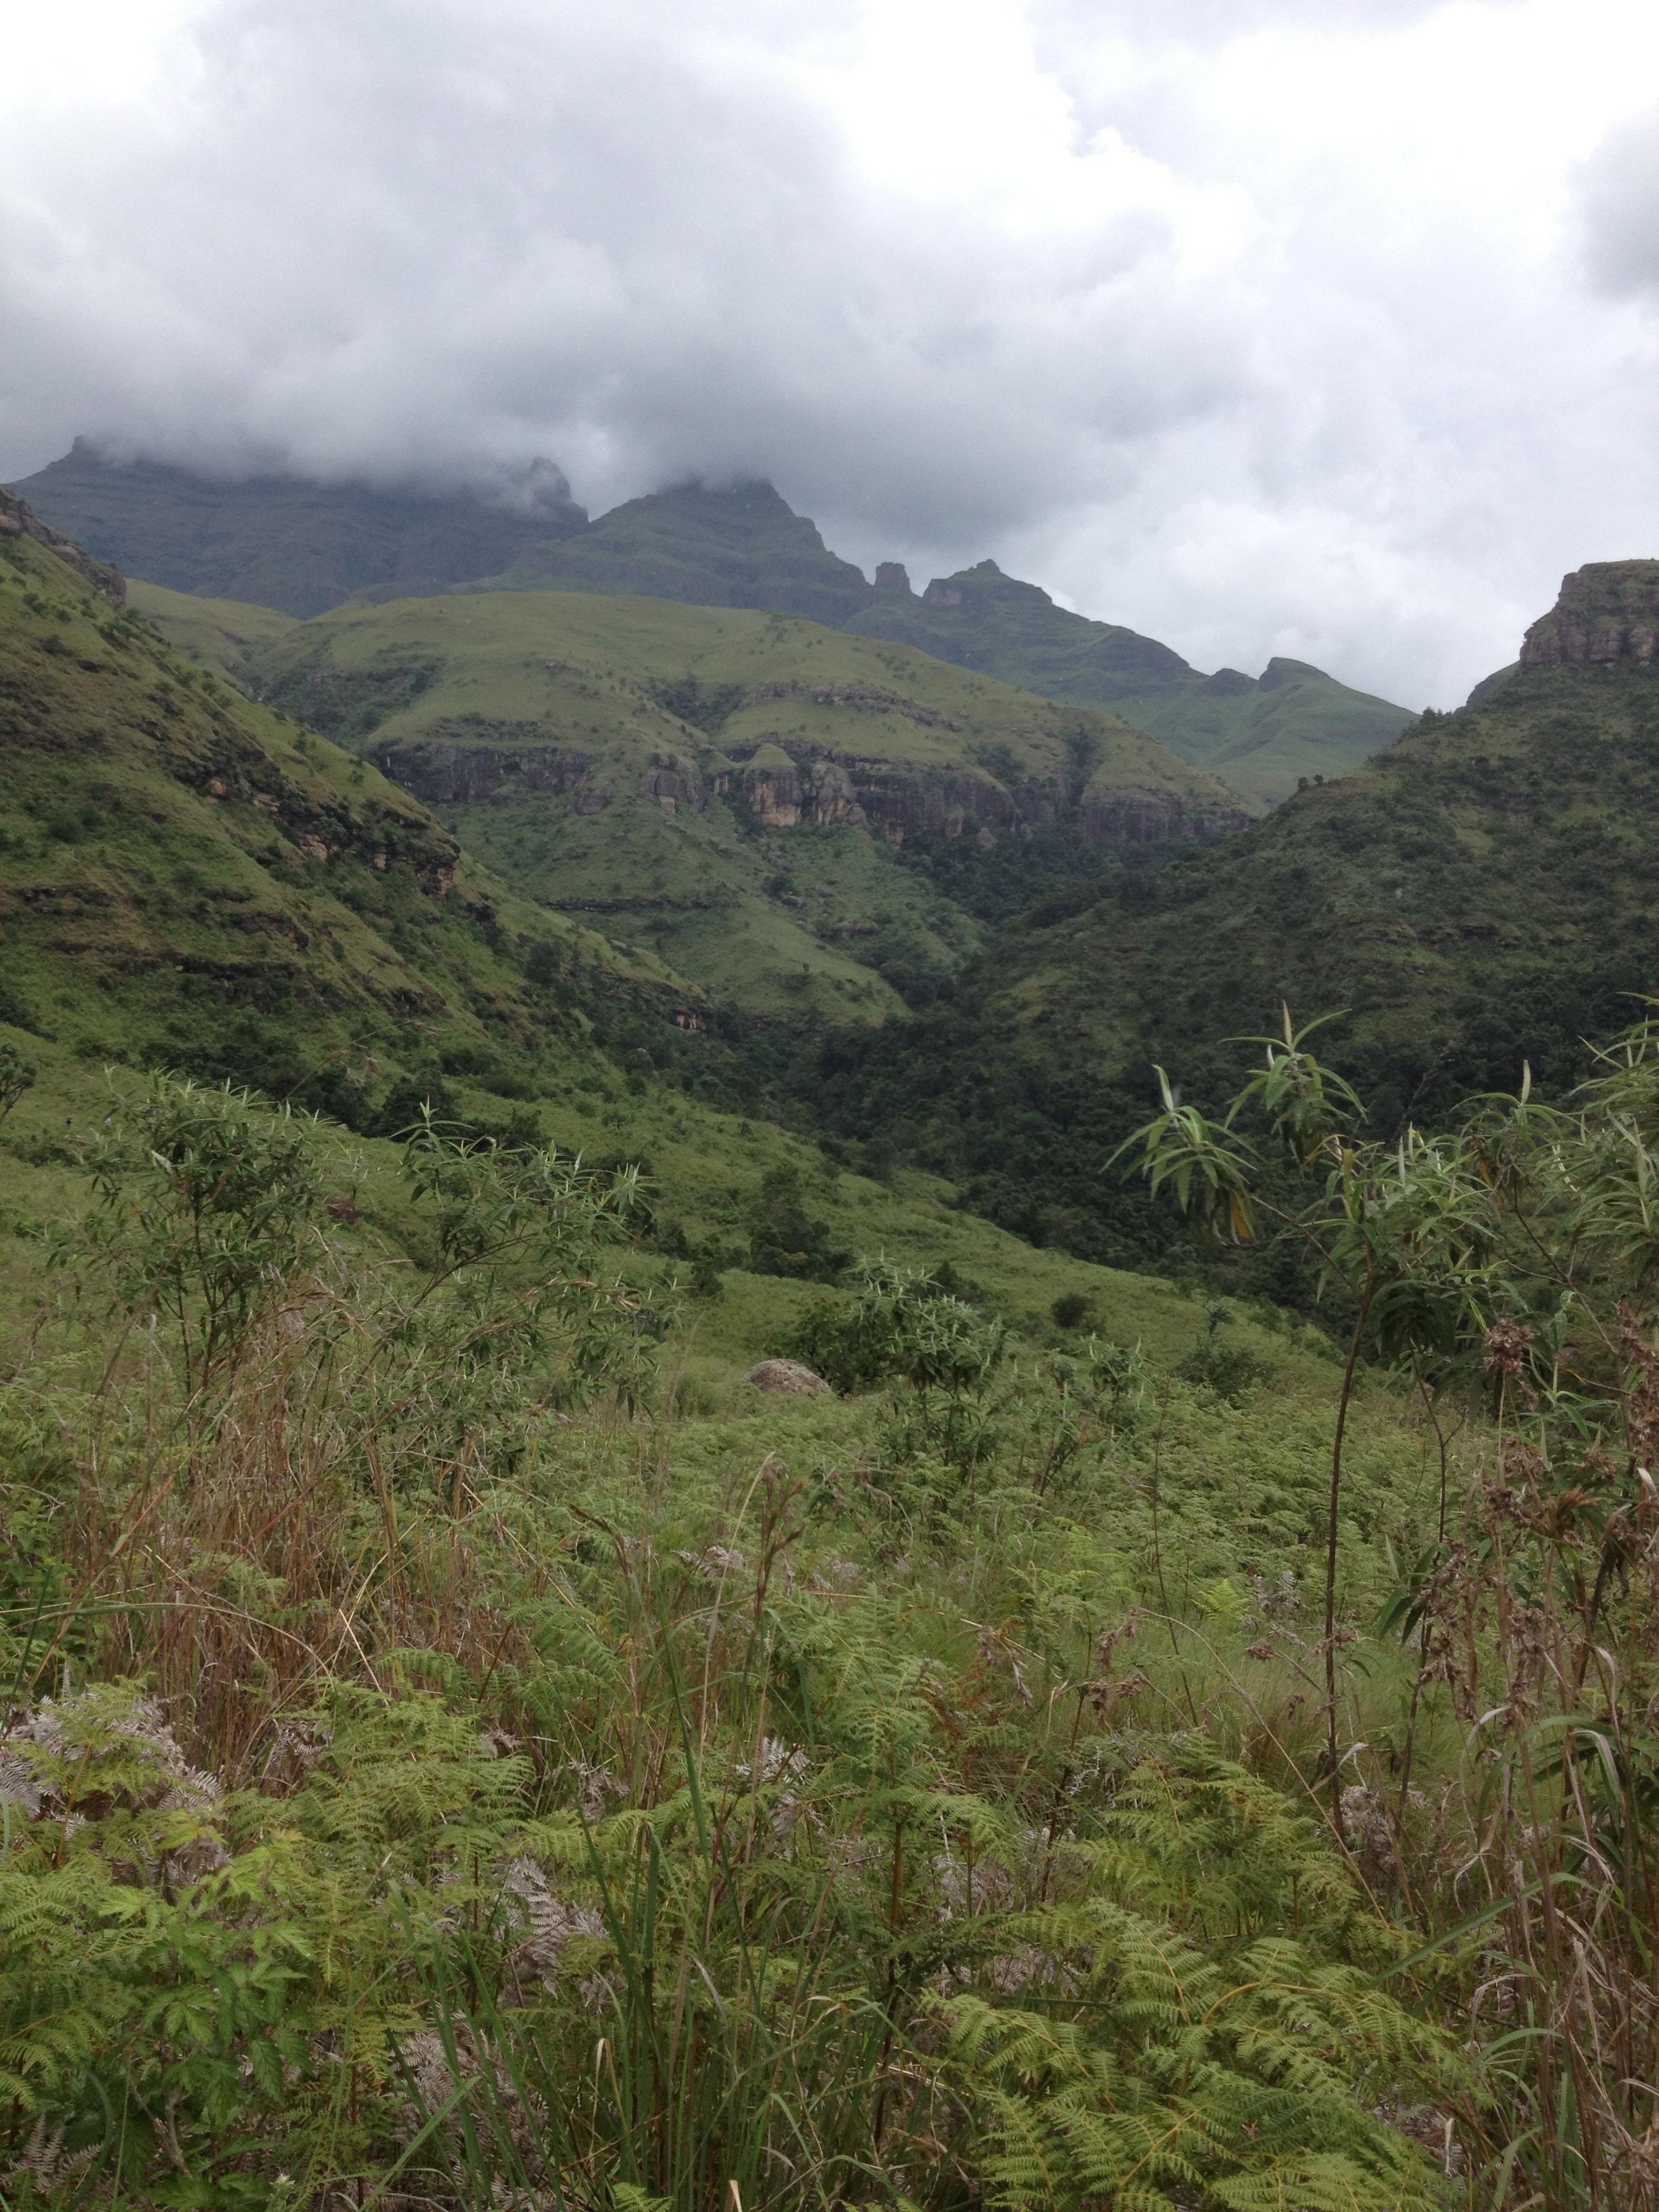 Hiking in a wonderland.